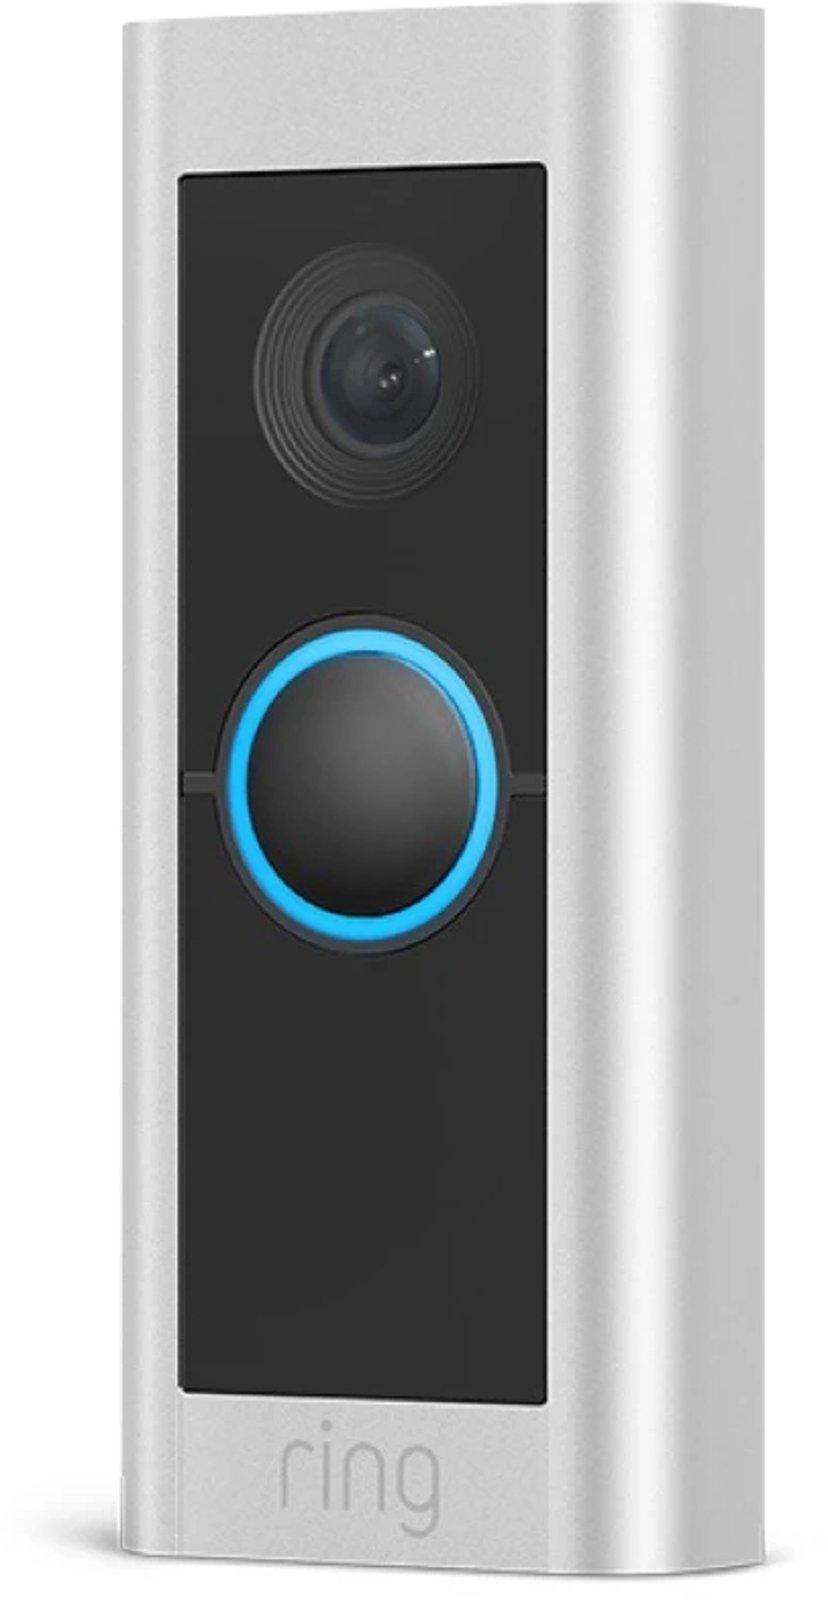 Ring Video Doorbell Pro 2 Trådad